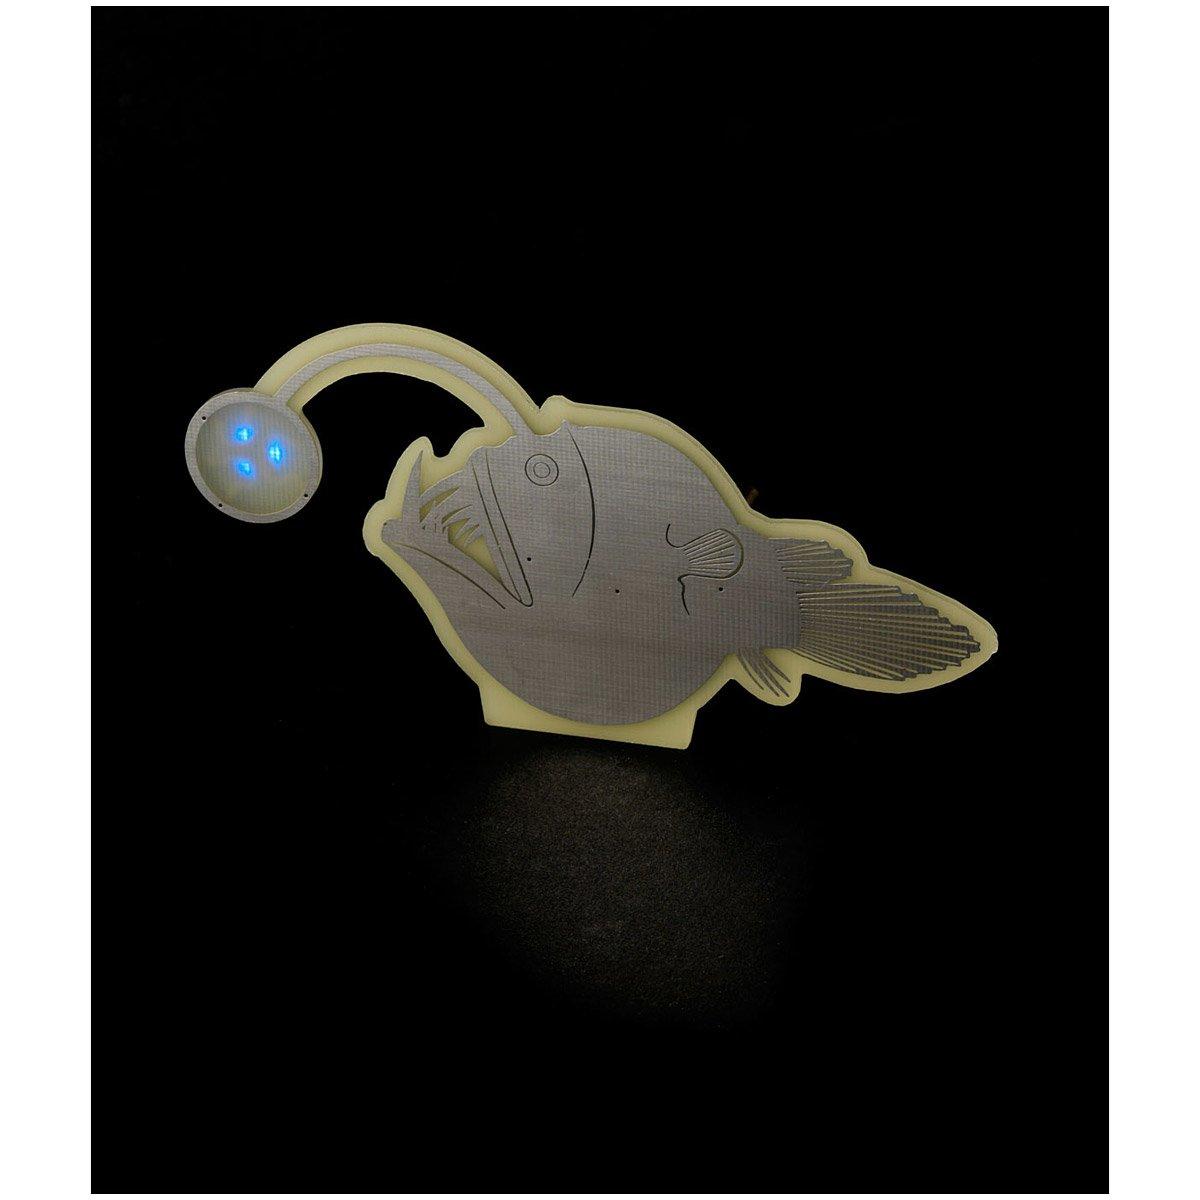 Deep-Sea Anglerfish Light | Angler, Fish, Deep, Sea, Glow, In, The ... for Anglerfish Light  61obs